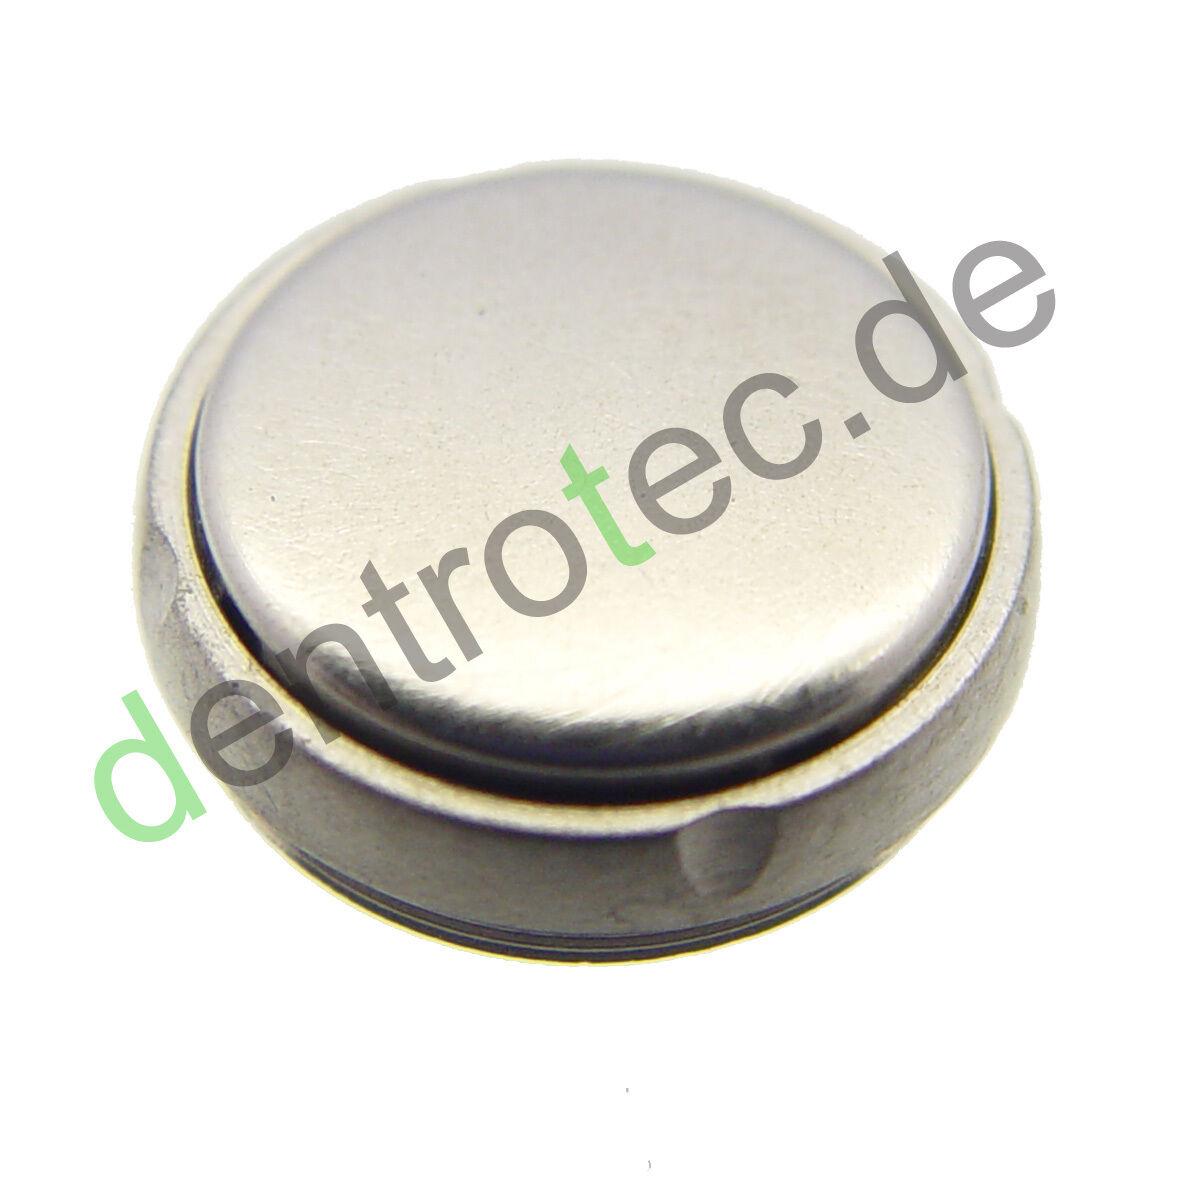 NEU Druckknopf Deckel passend für Kavo * 660B / C Back Cap